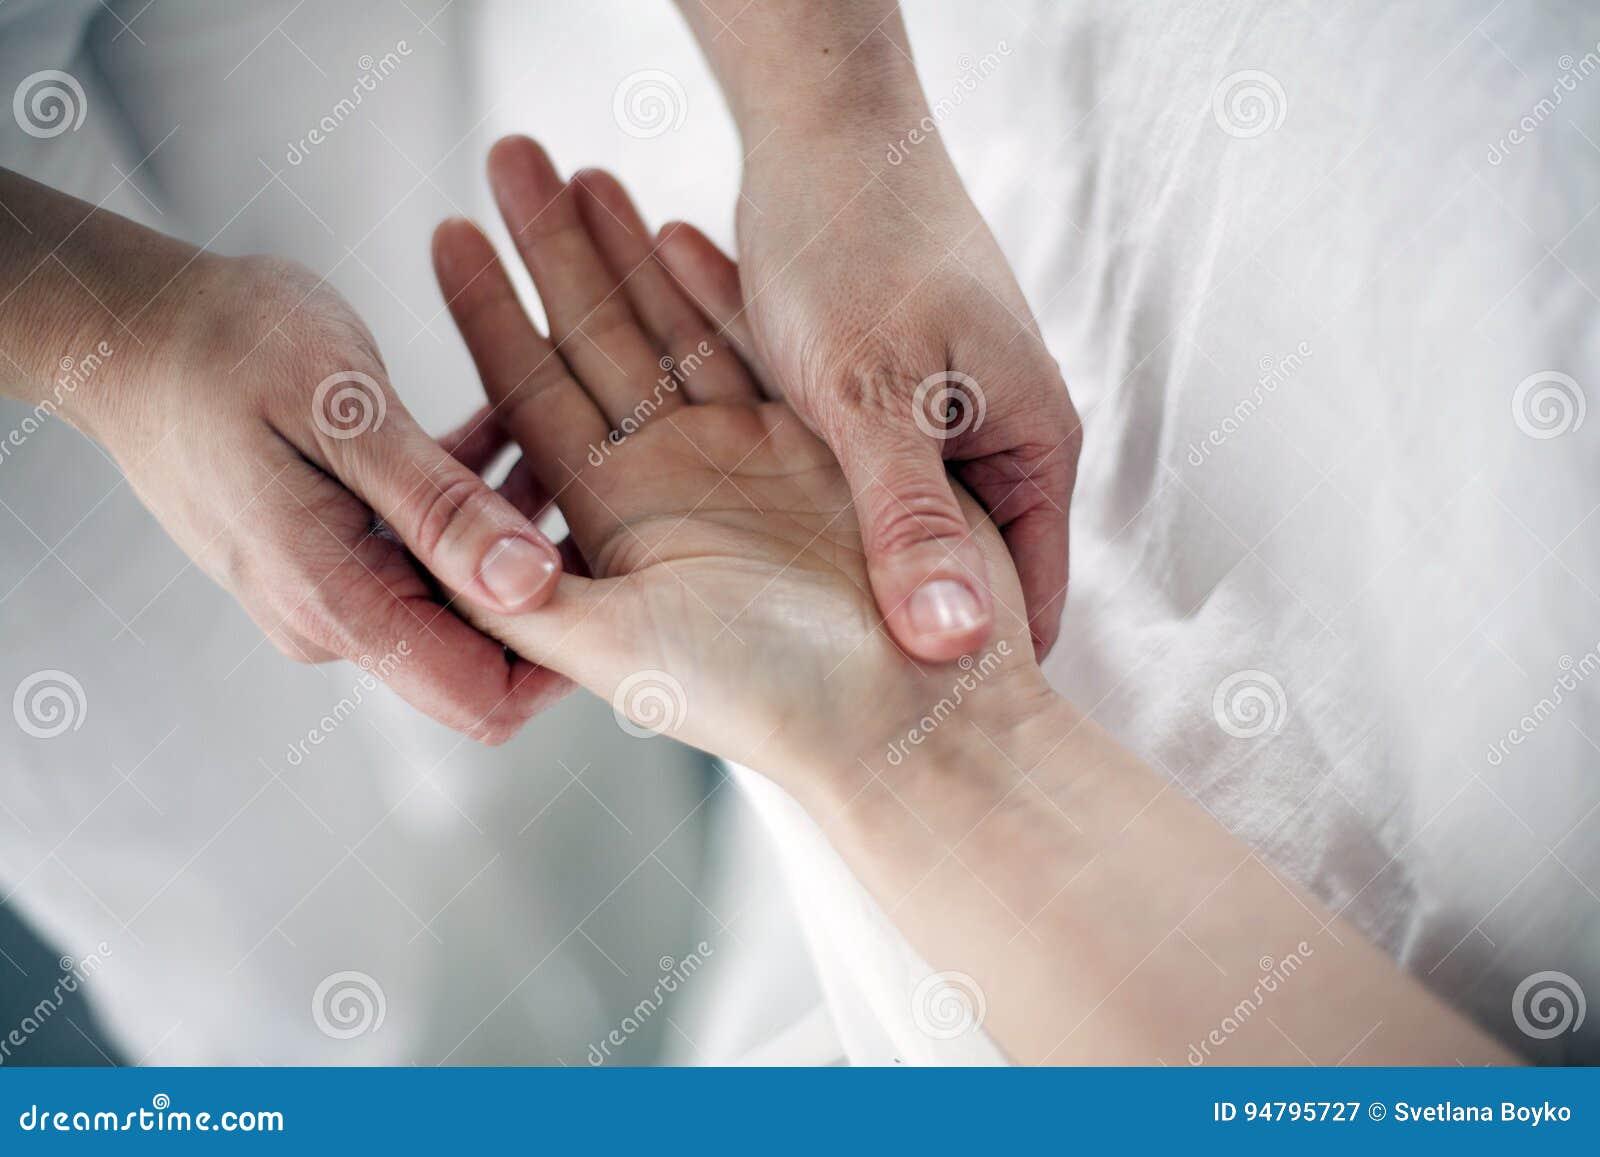 Terapia manuale sulle palme delle mani